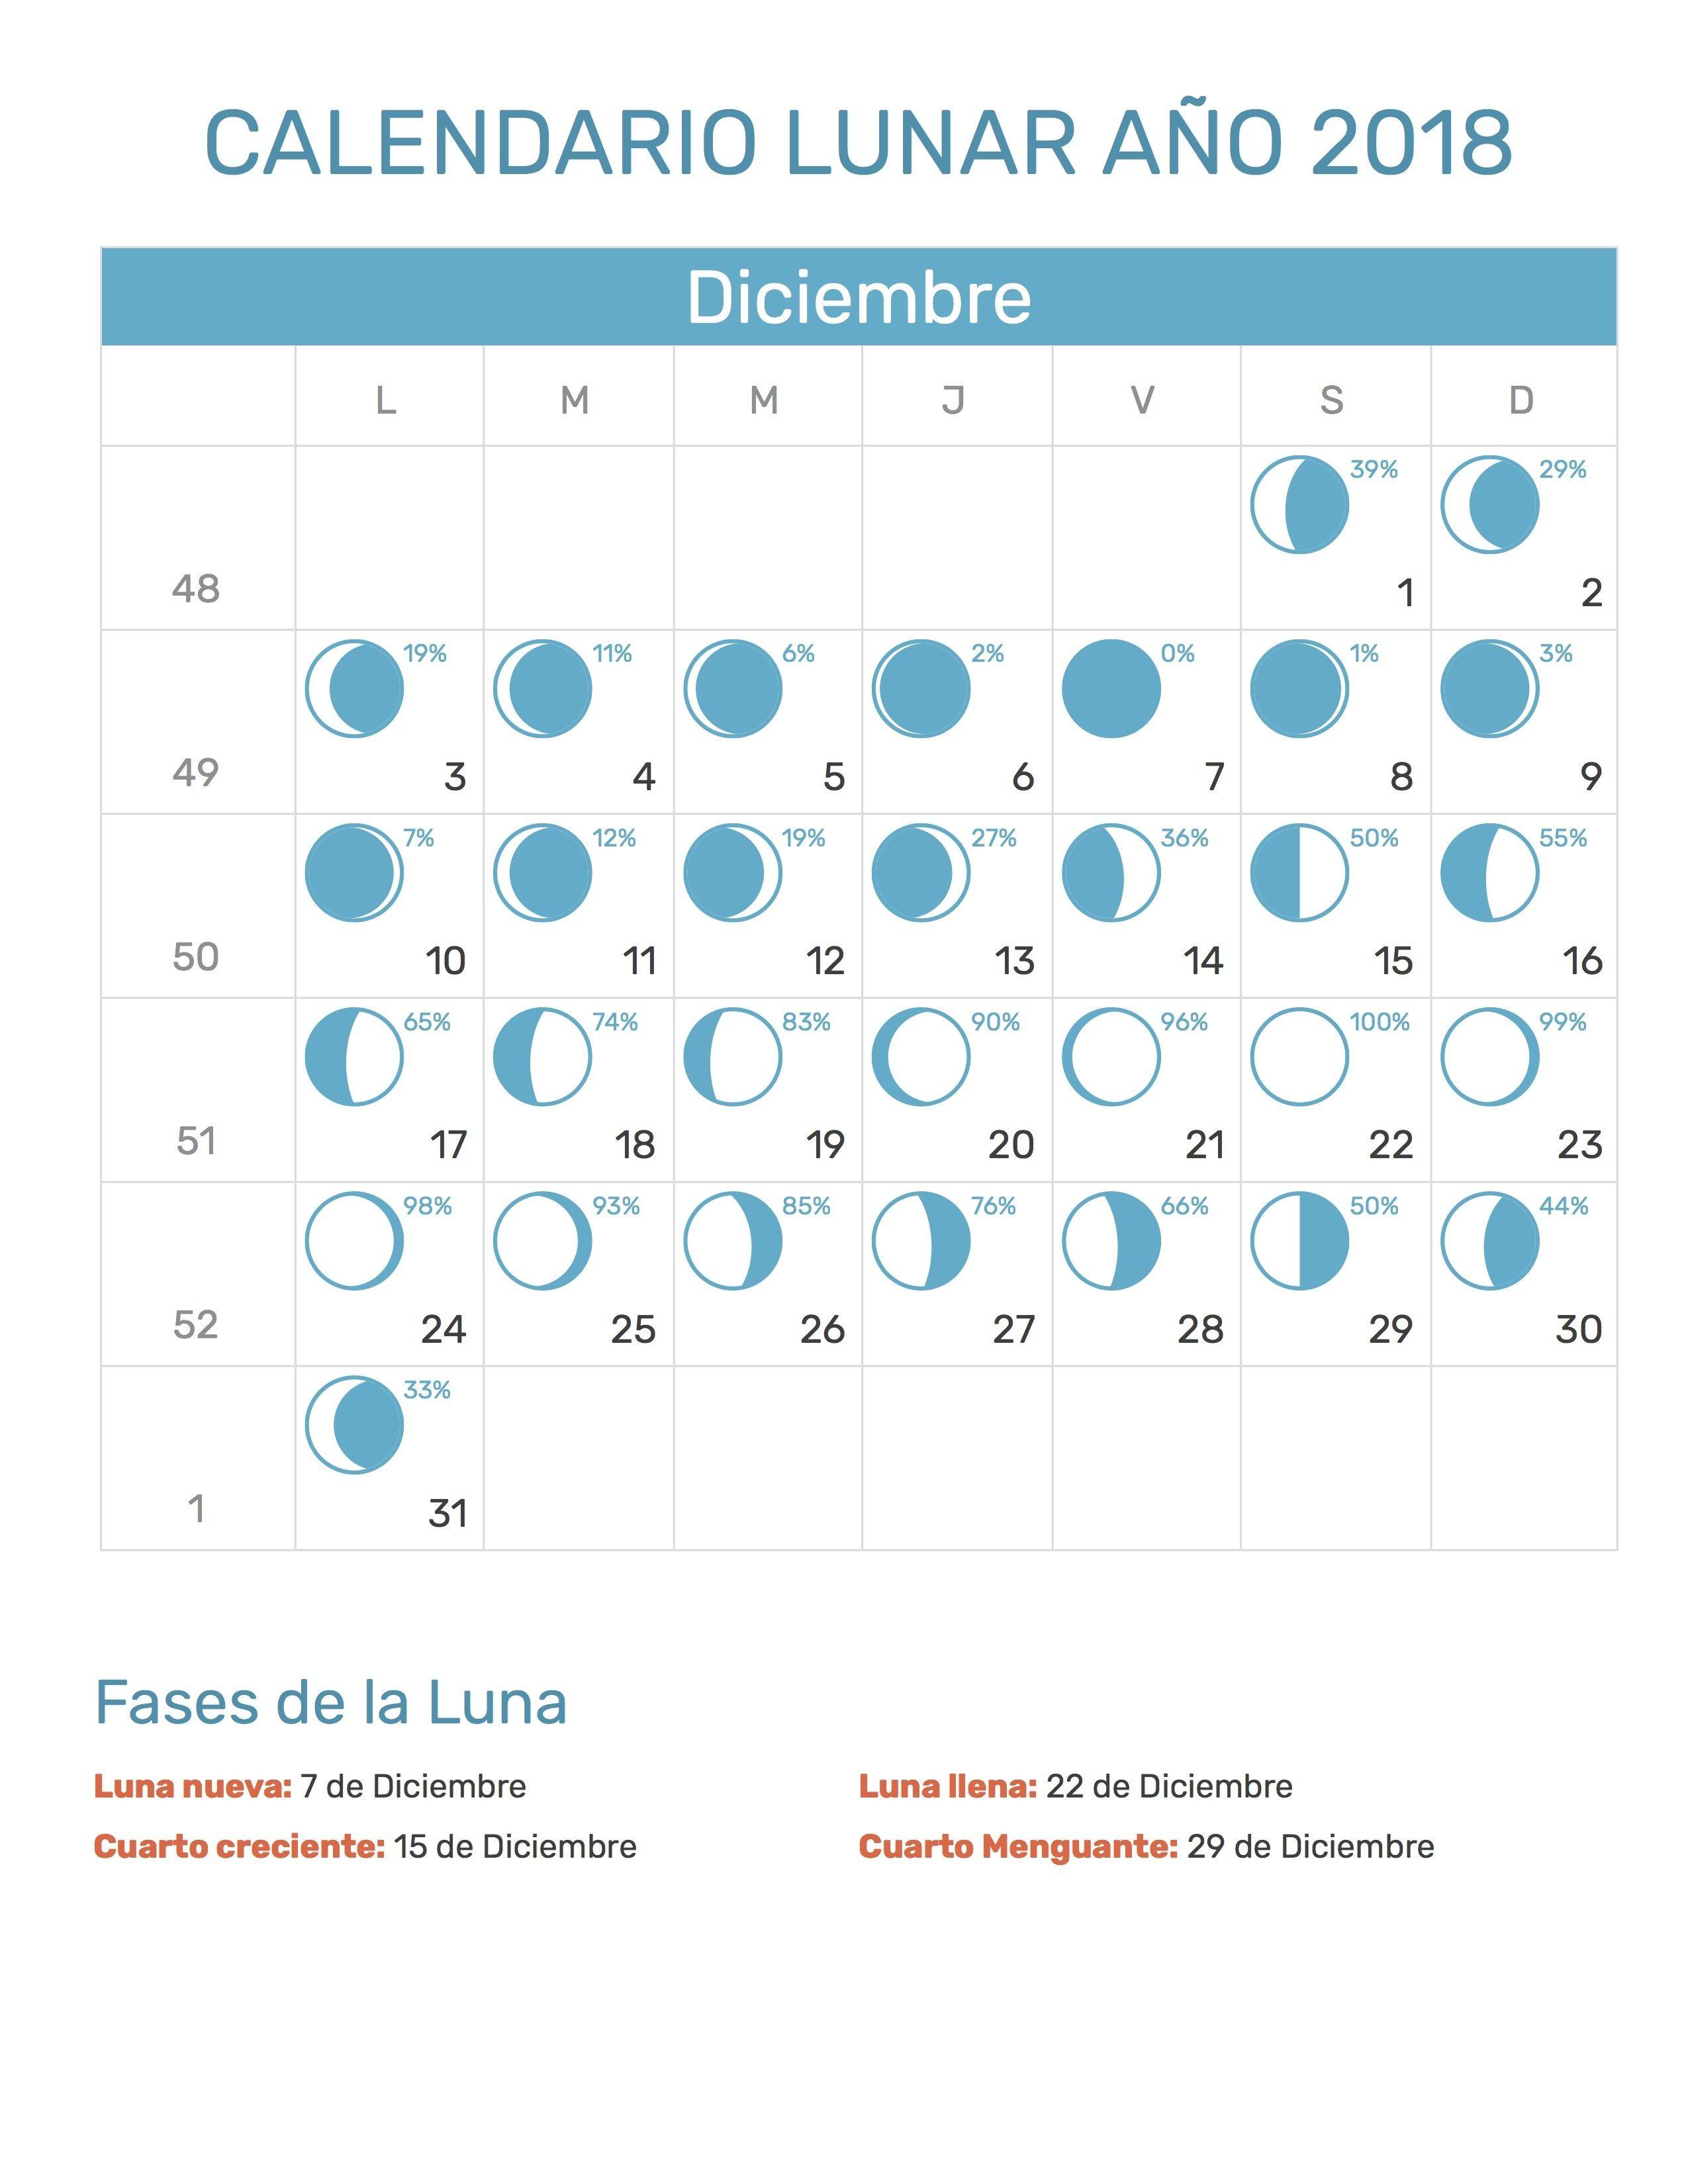 Calendario Para Imprimir Mayo Y Junio 2017 Más Actual Pin De Lourdes Sanchez En Calendario Lunar 2018 Of Calendario Para Imprimir Mayo Y Junio 2017 Más Recientemente Liberado Actualidad Calendario Para Imprimir De 2019